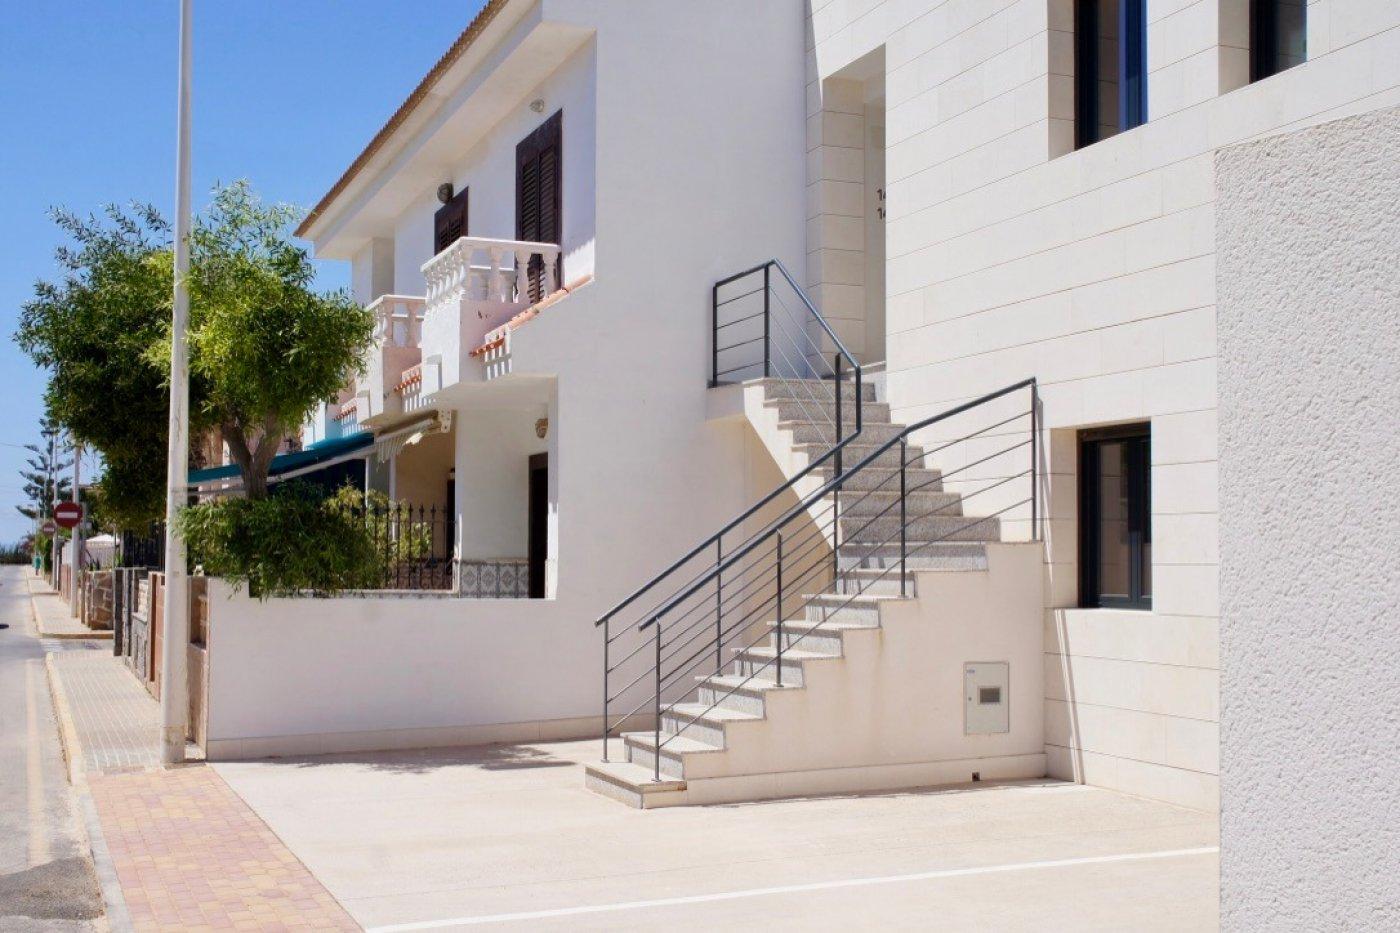 Imagen de la galería 1 of Nuevo apartamento listo en la planta superior de 2 dormitorios a solo 2 minutos a pie de las playas,